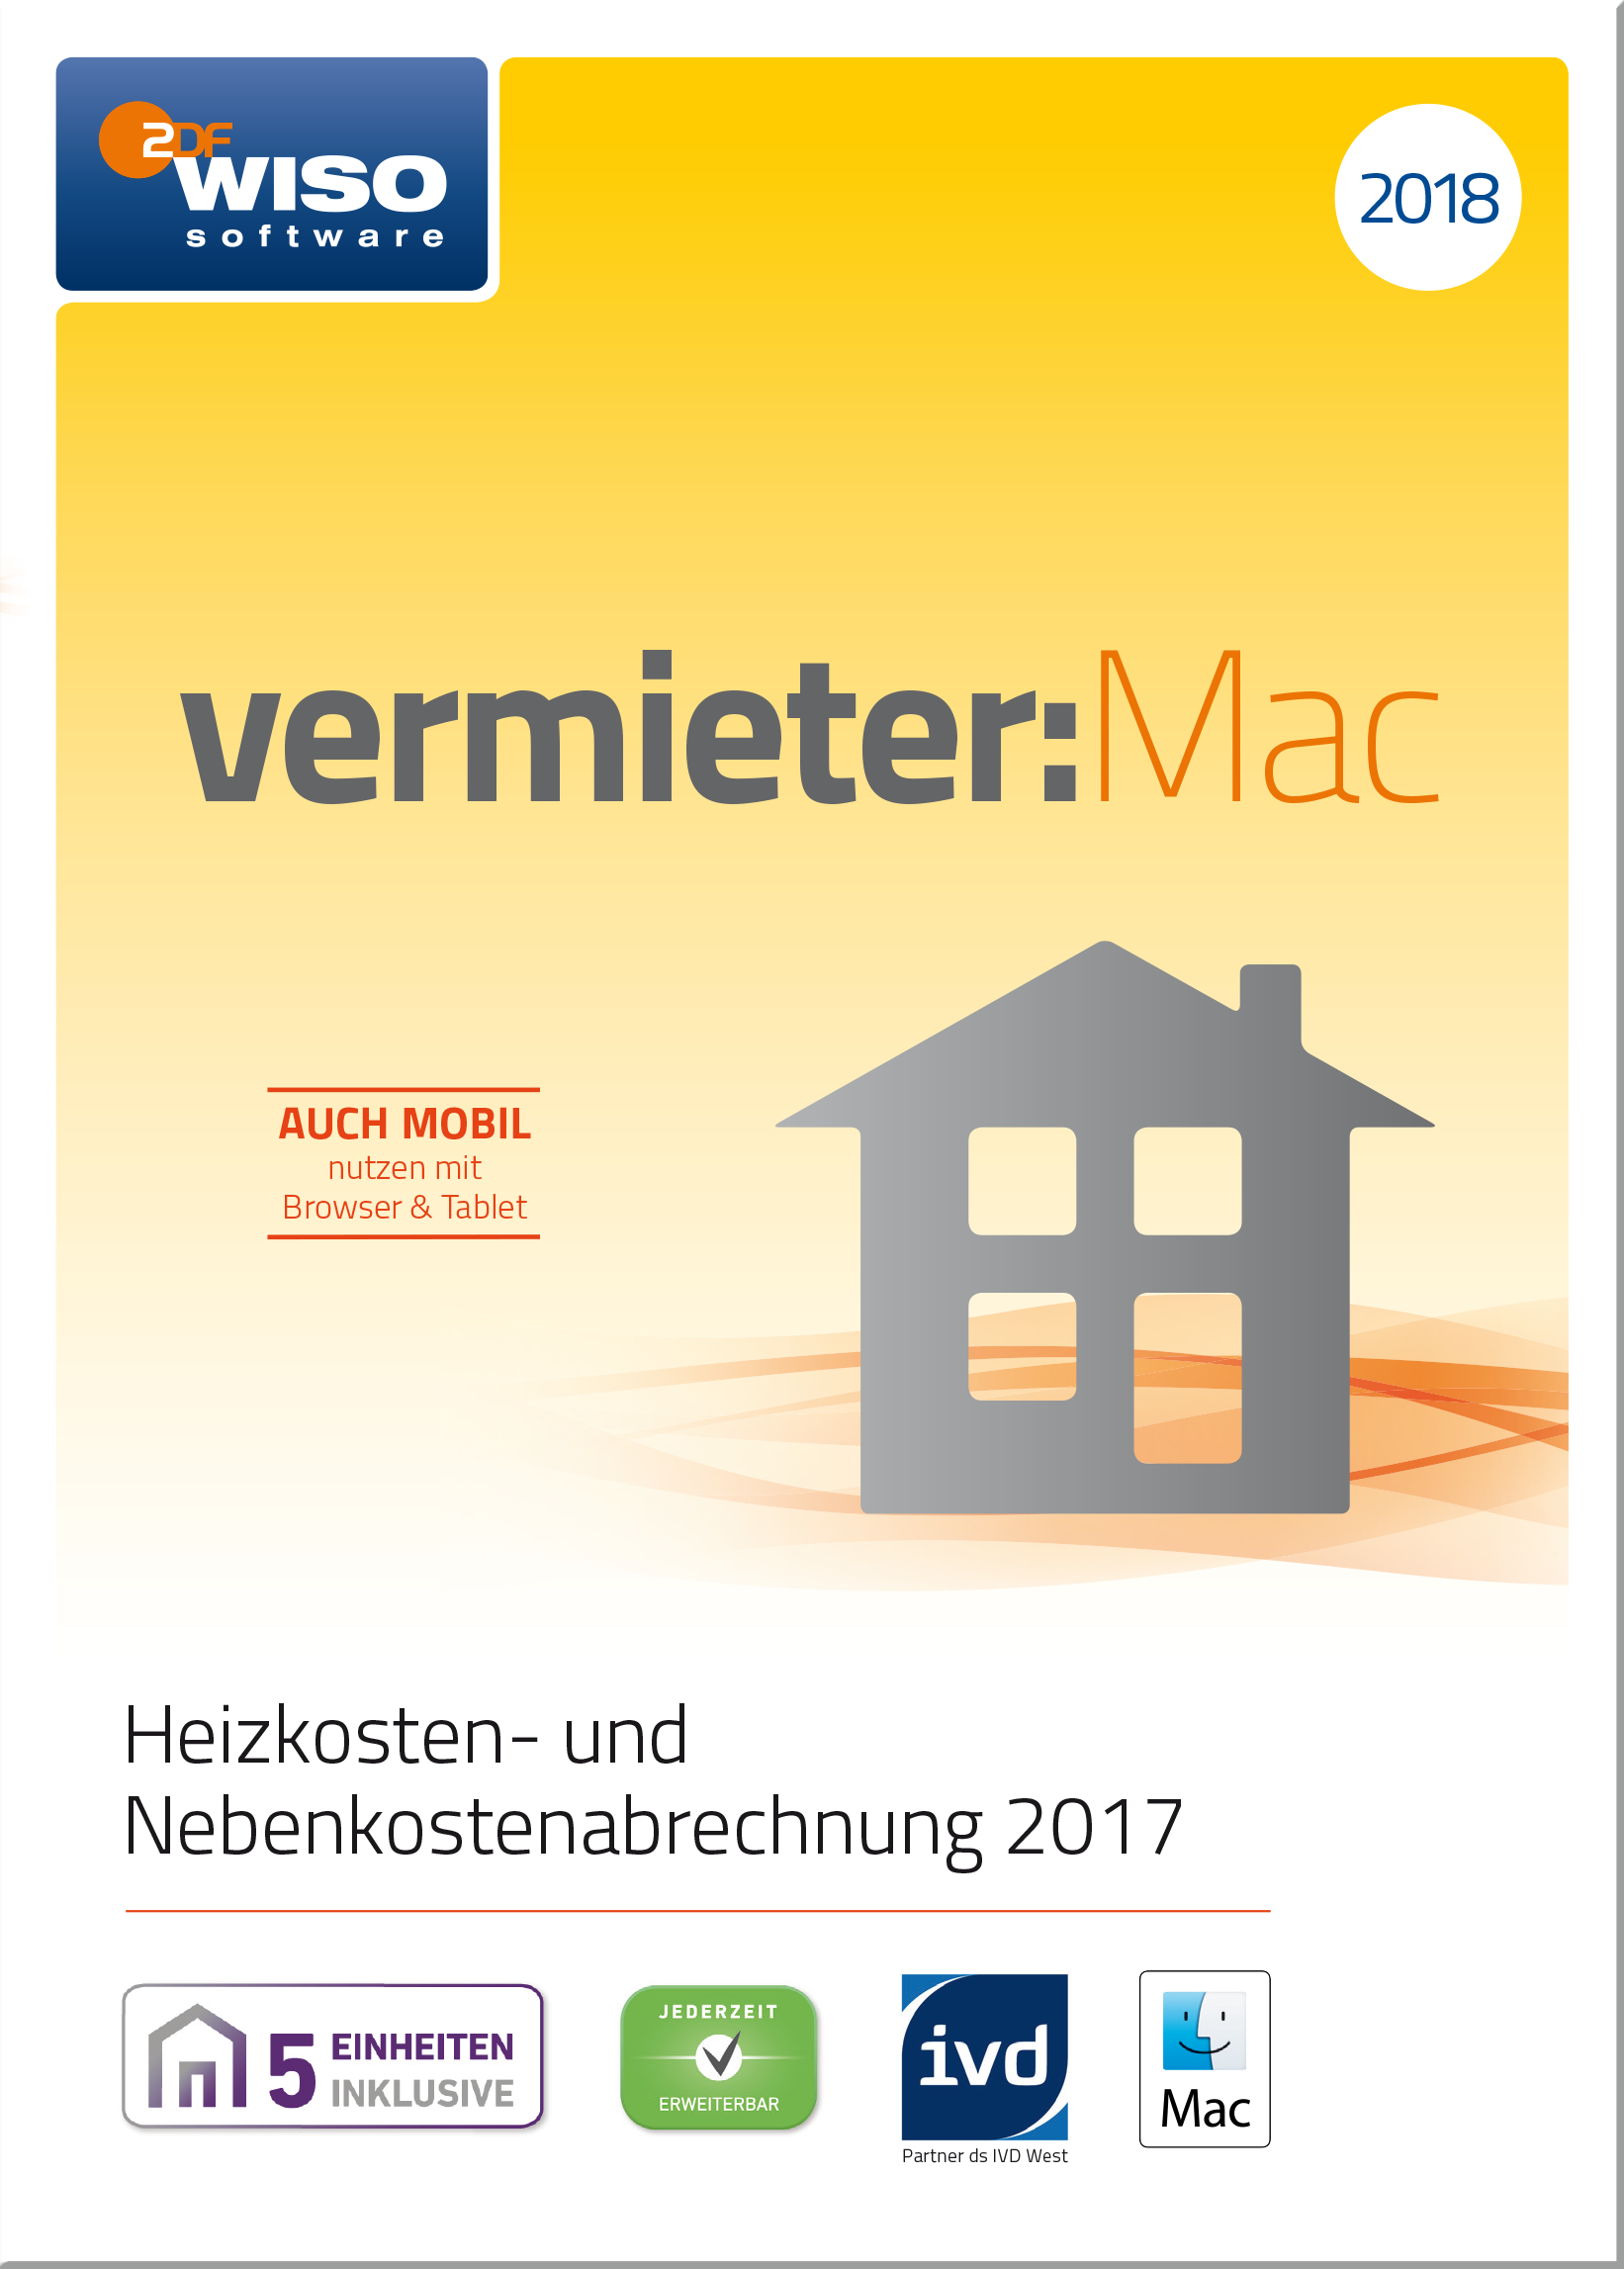 WISO vermieter:Mac 2018 - Heizkosten- und Nebenkostenabrechnung 2017 [Online Code]